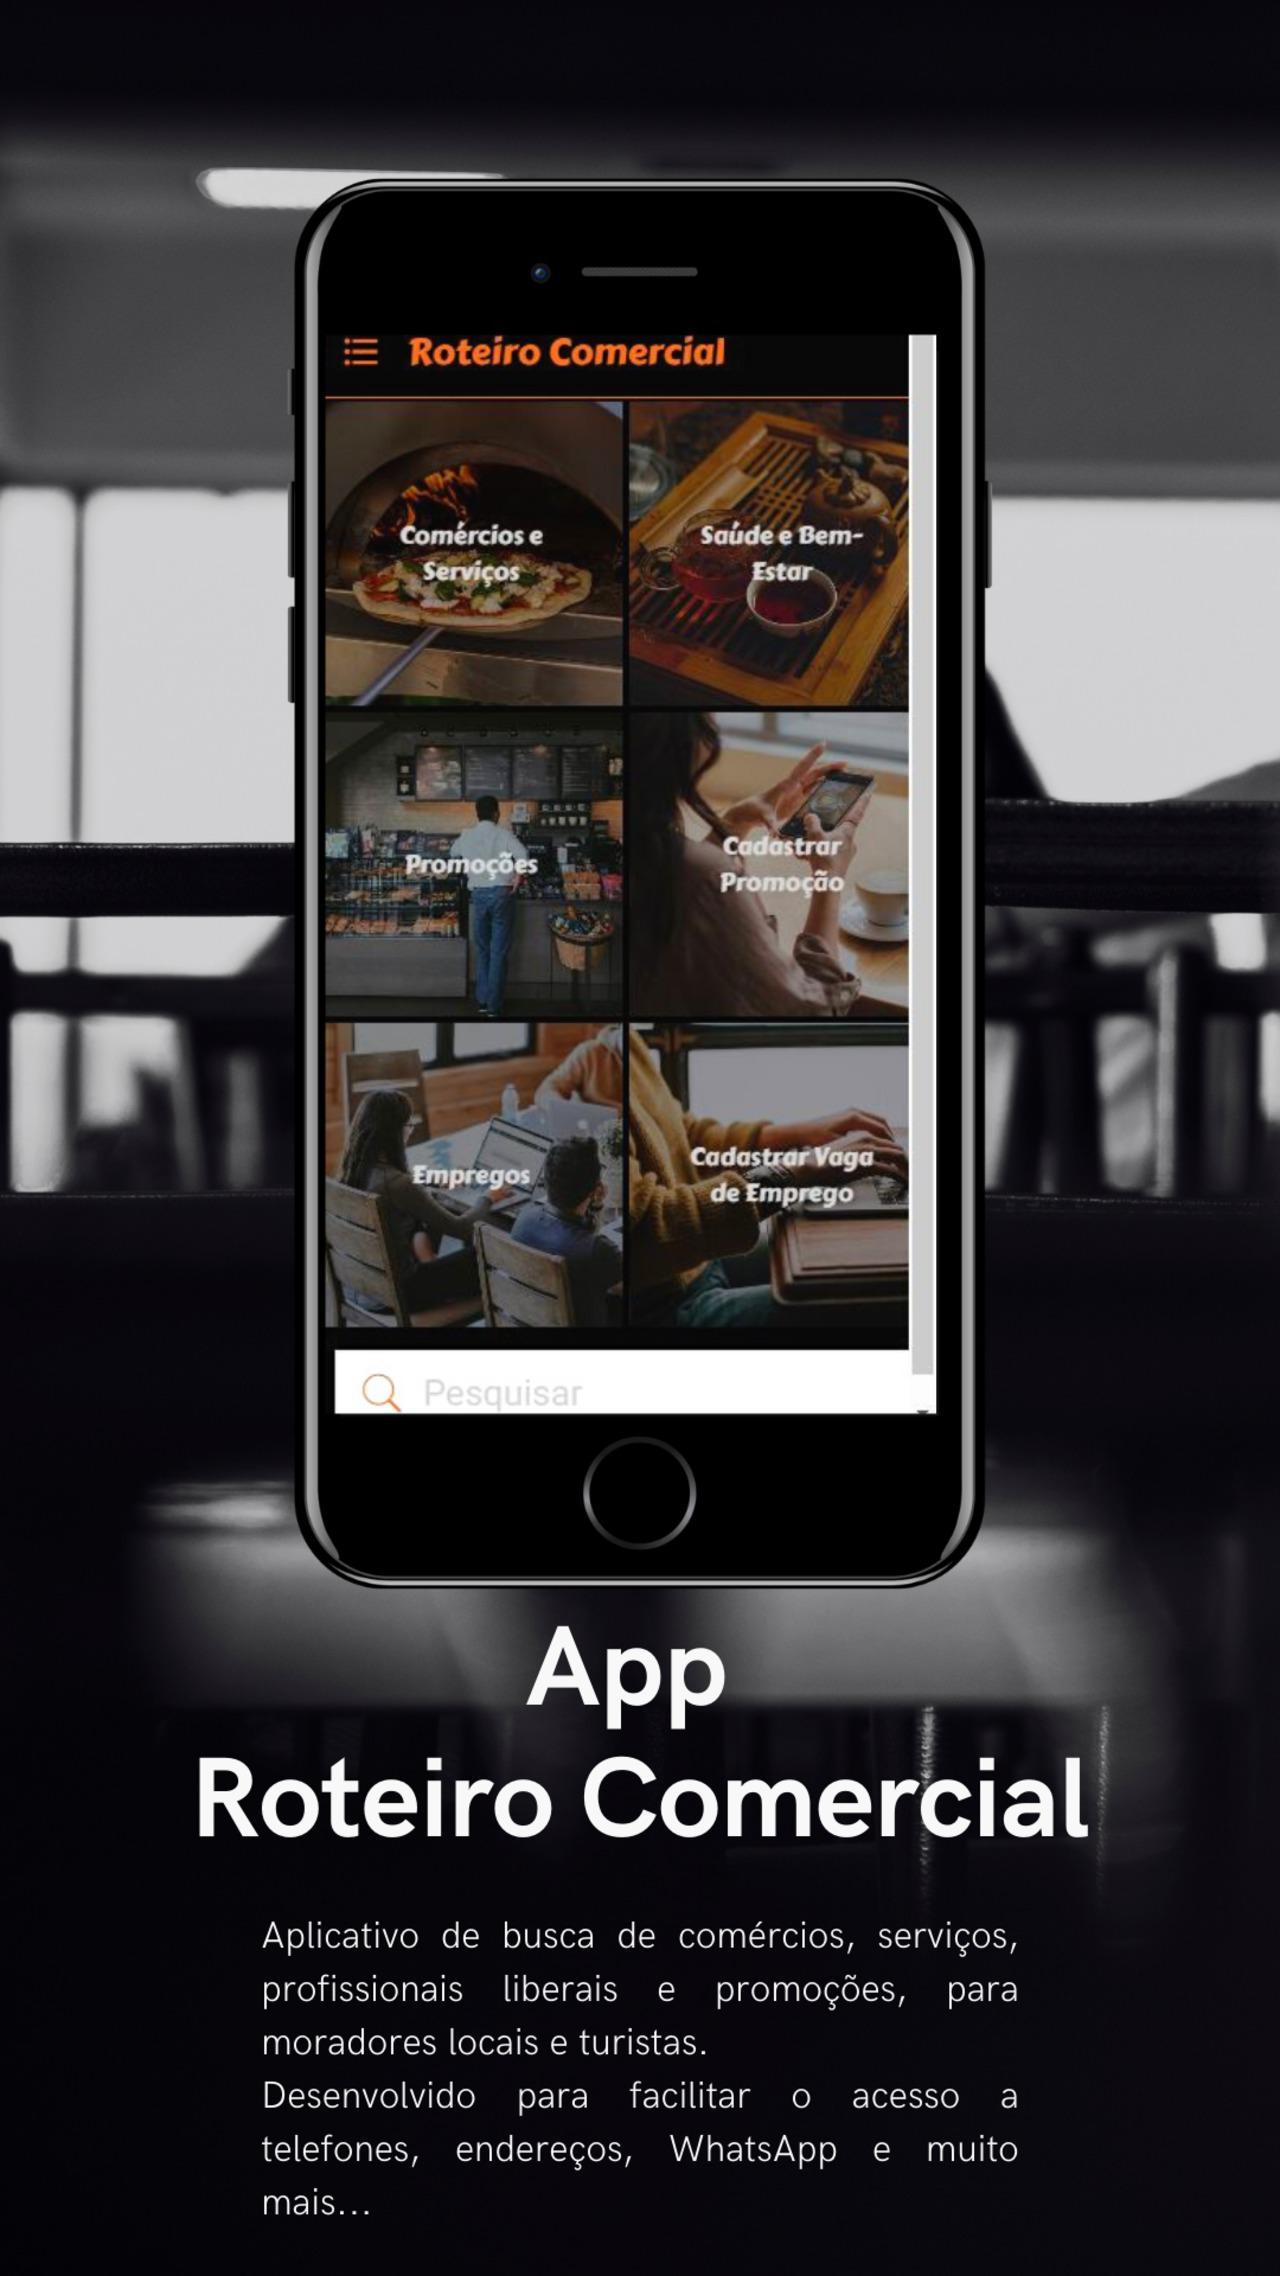 Finalidade do app